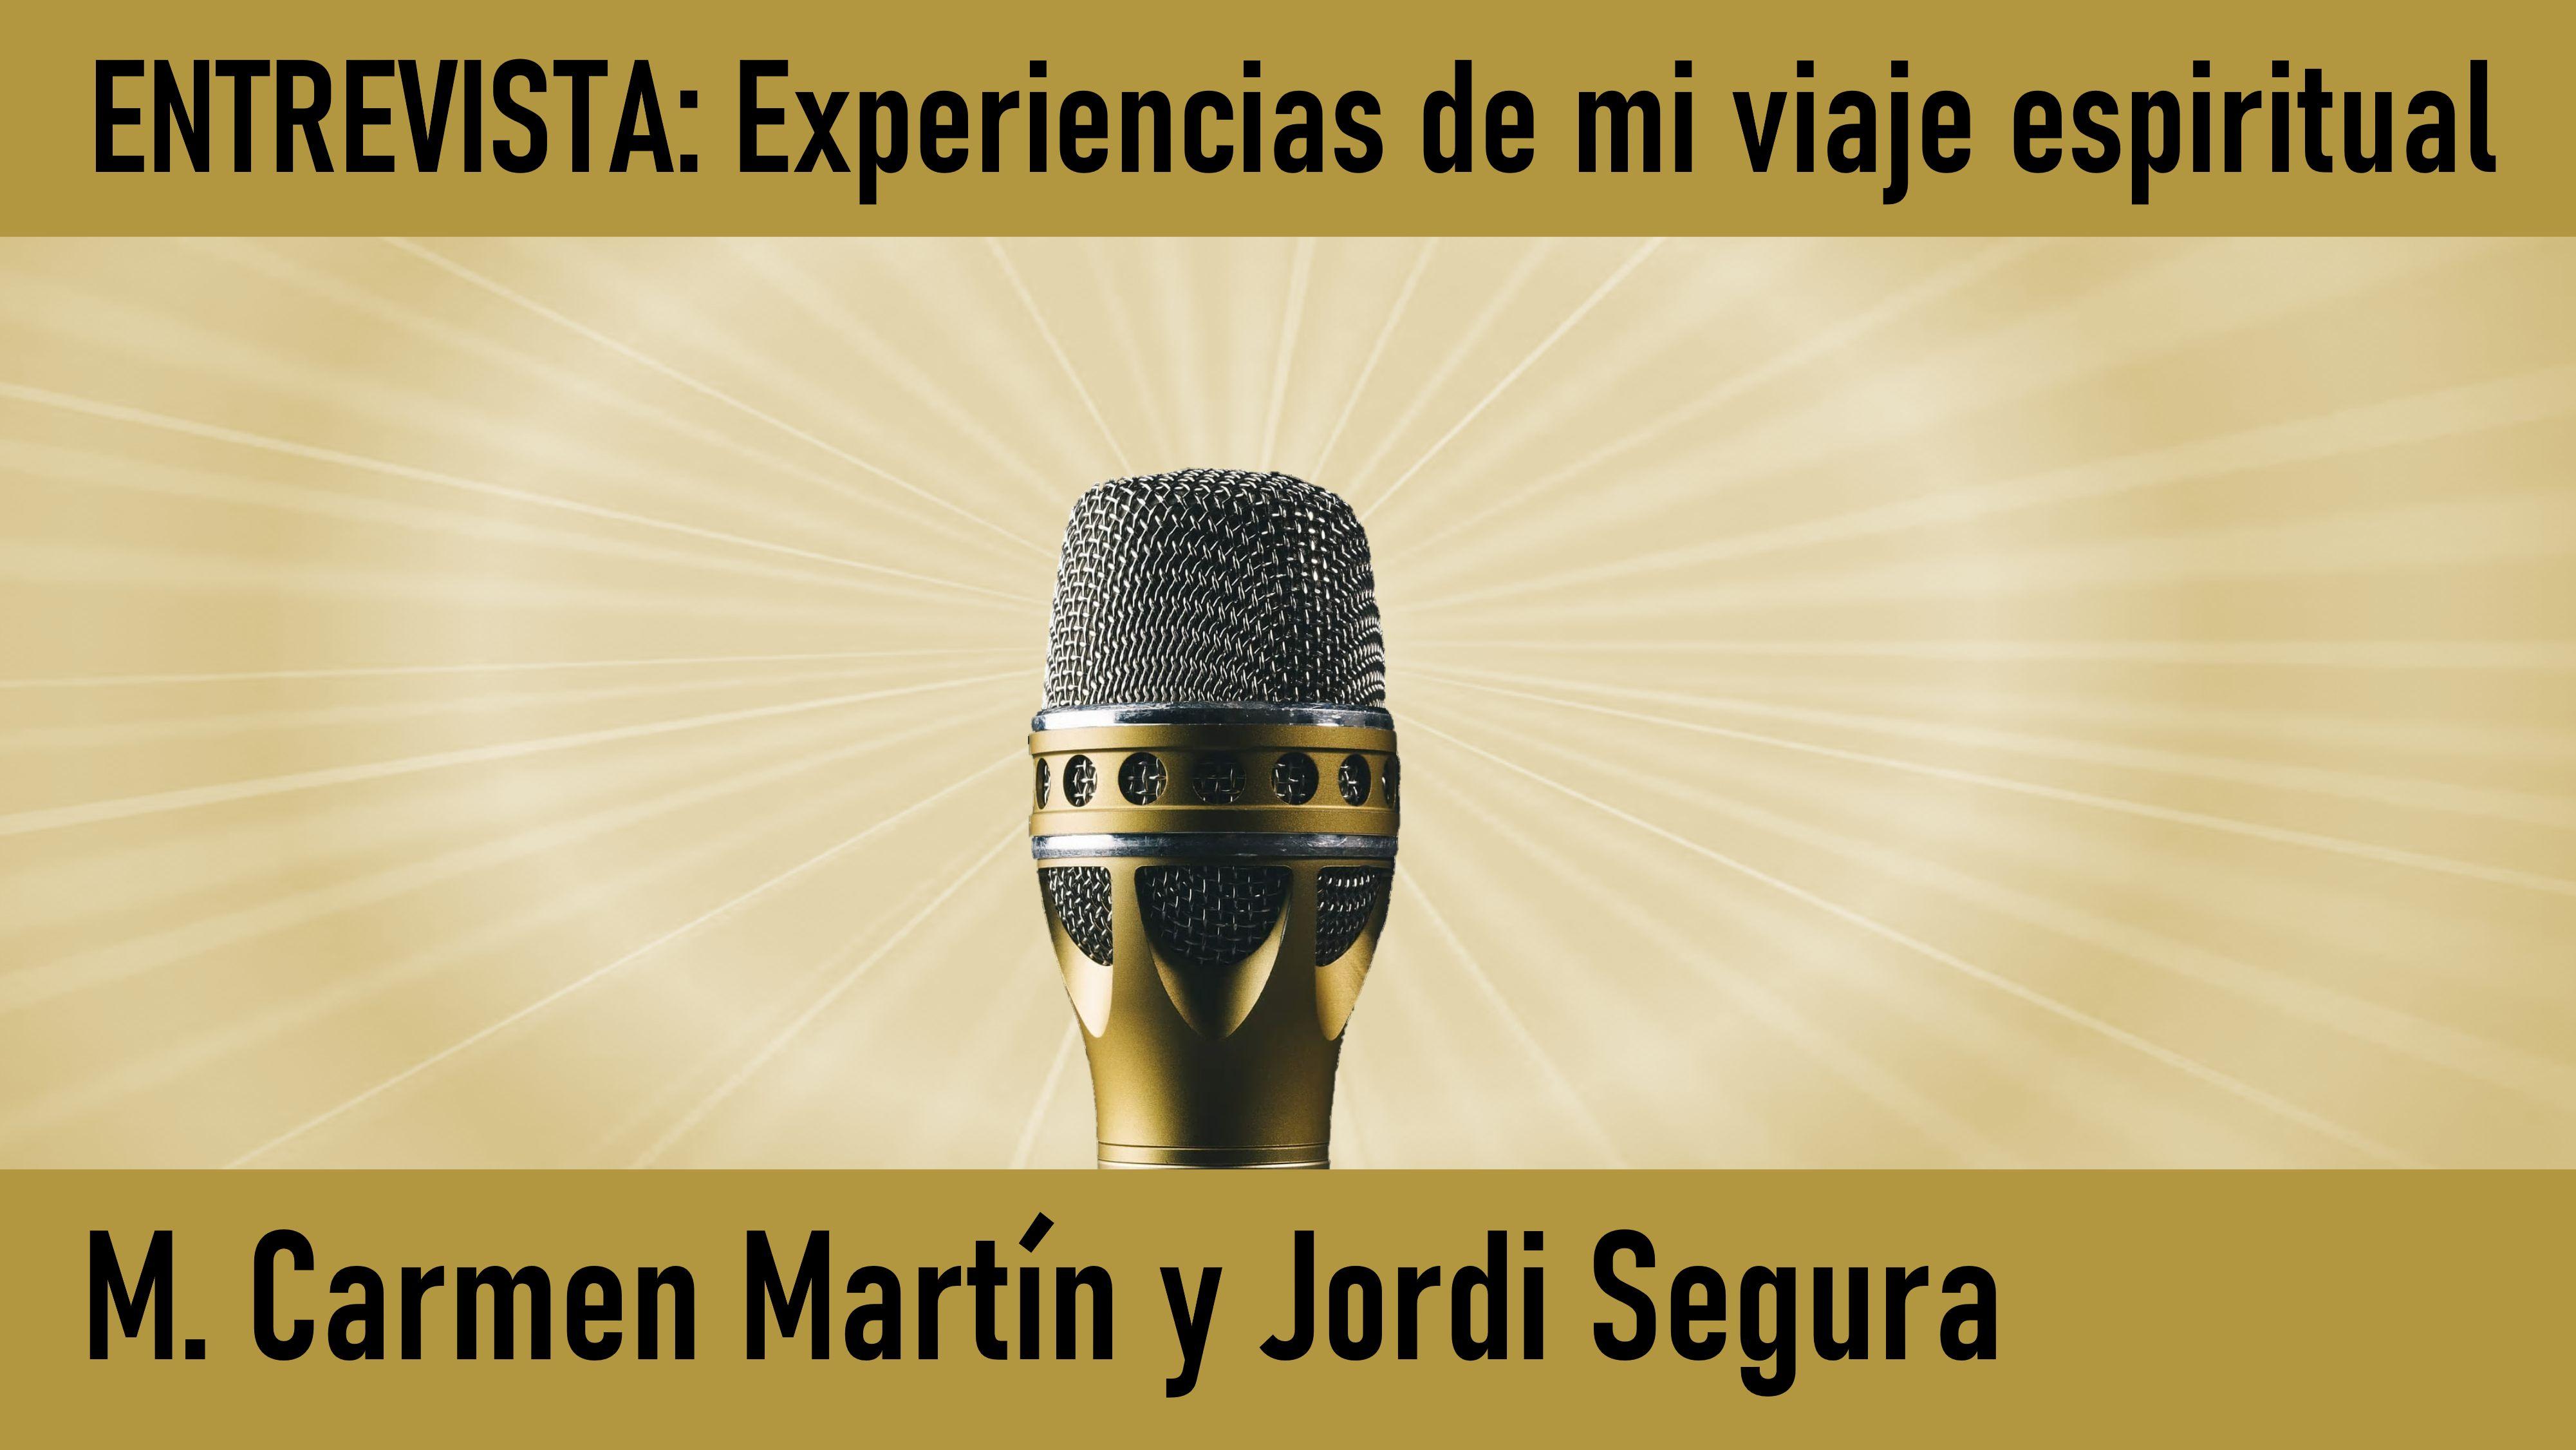 Entrevista  Experiencias viaje espiritual. M.Carmen Martín y Jordi Segura (19 Junio 2020) On-line desde Valencia